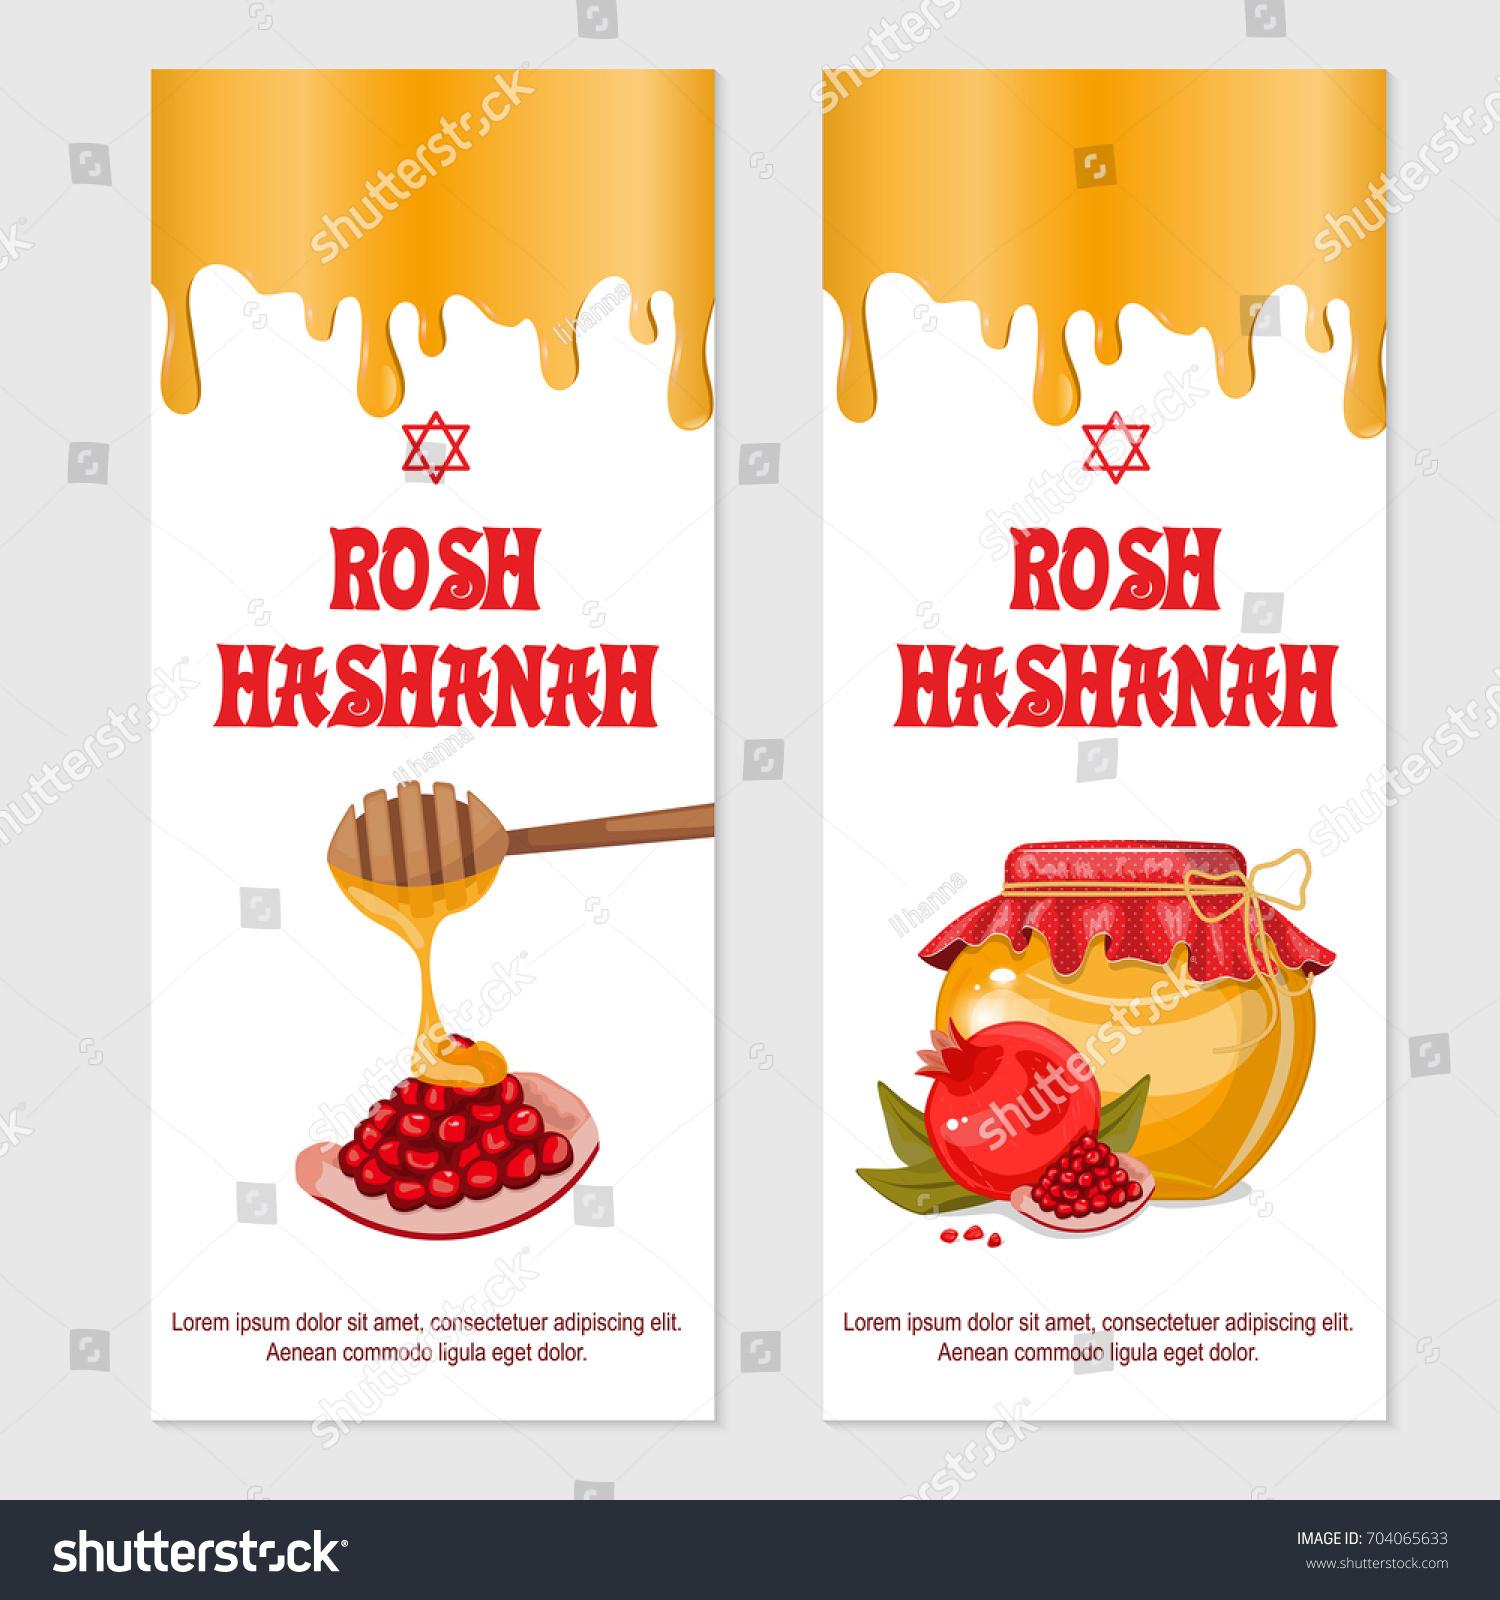 Rosh Hashanah Jewish New Year Greeting Stock Vector 704065633